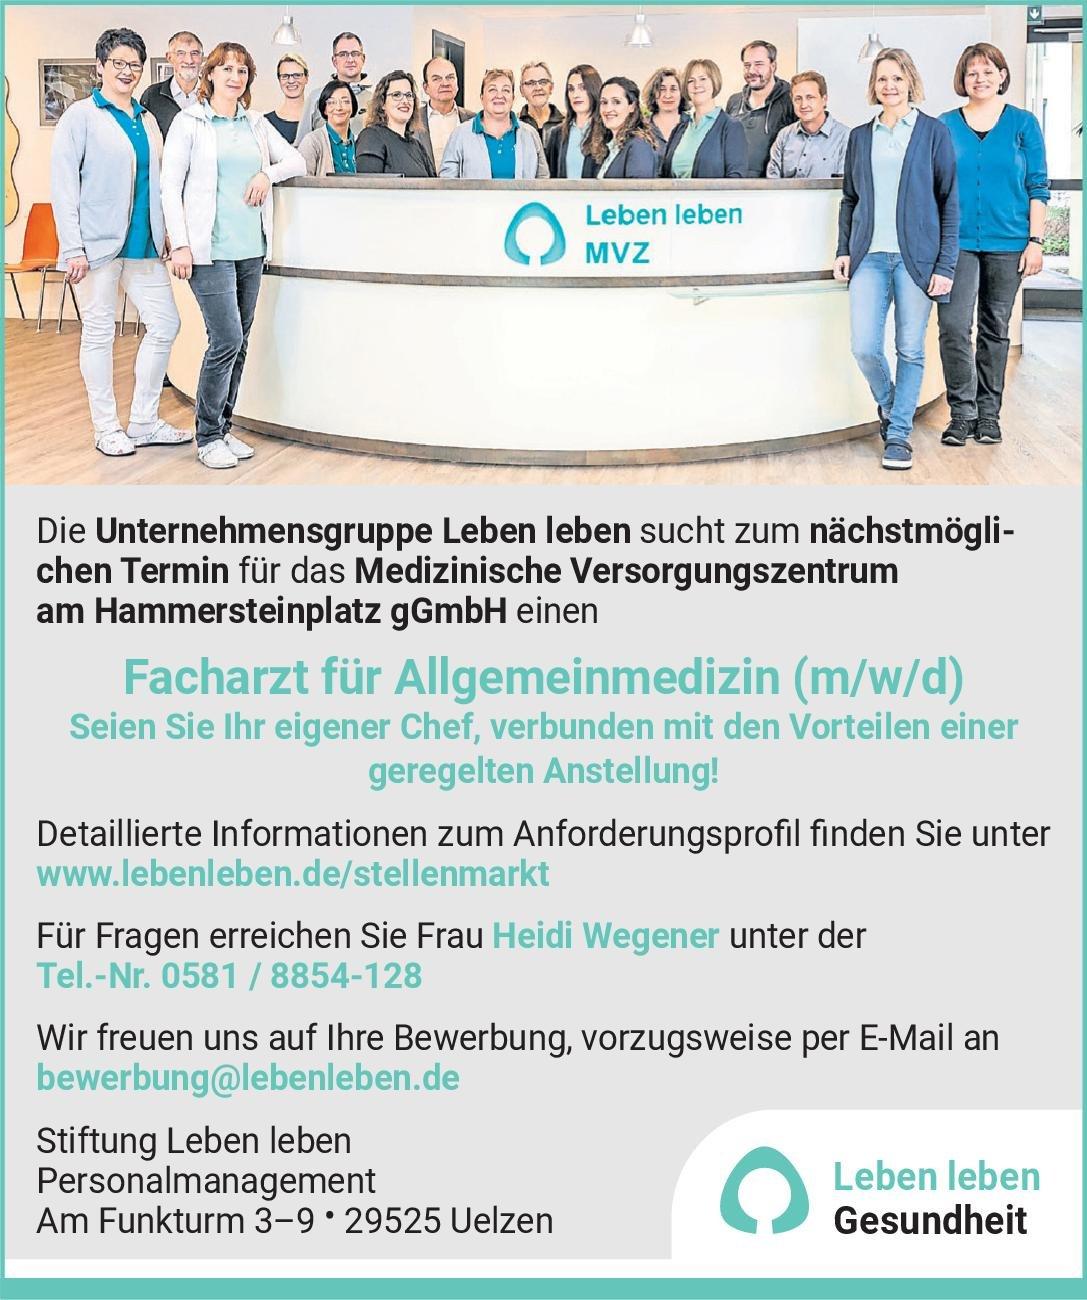 Medizinisches Versorgungszentrum am Hammersteinplatz gGmbH Facharzt für Allgemeinmedizin (m/w/d) Allgemeinmedizin Arzt / Facharzt